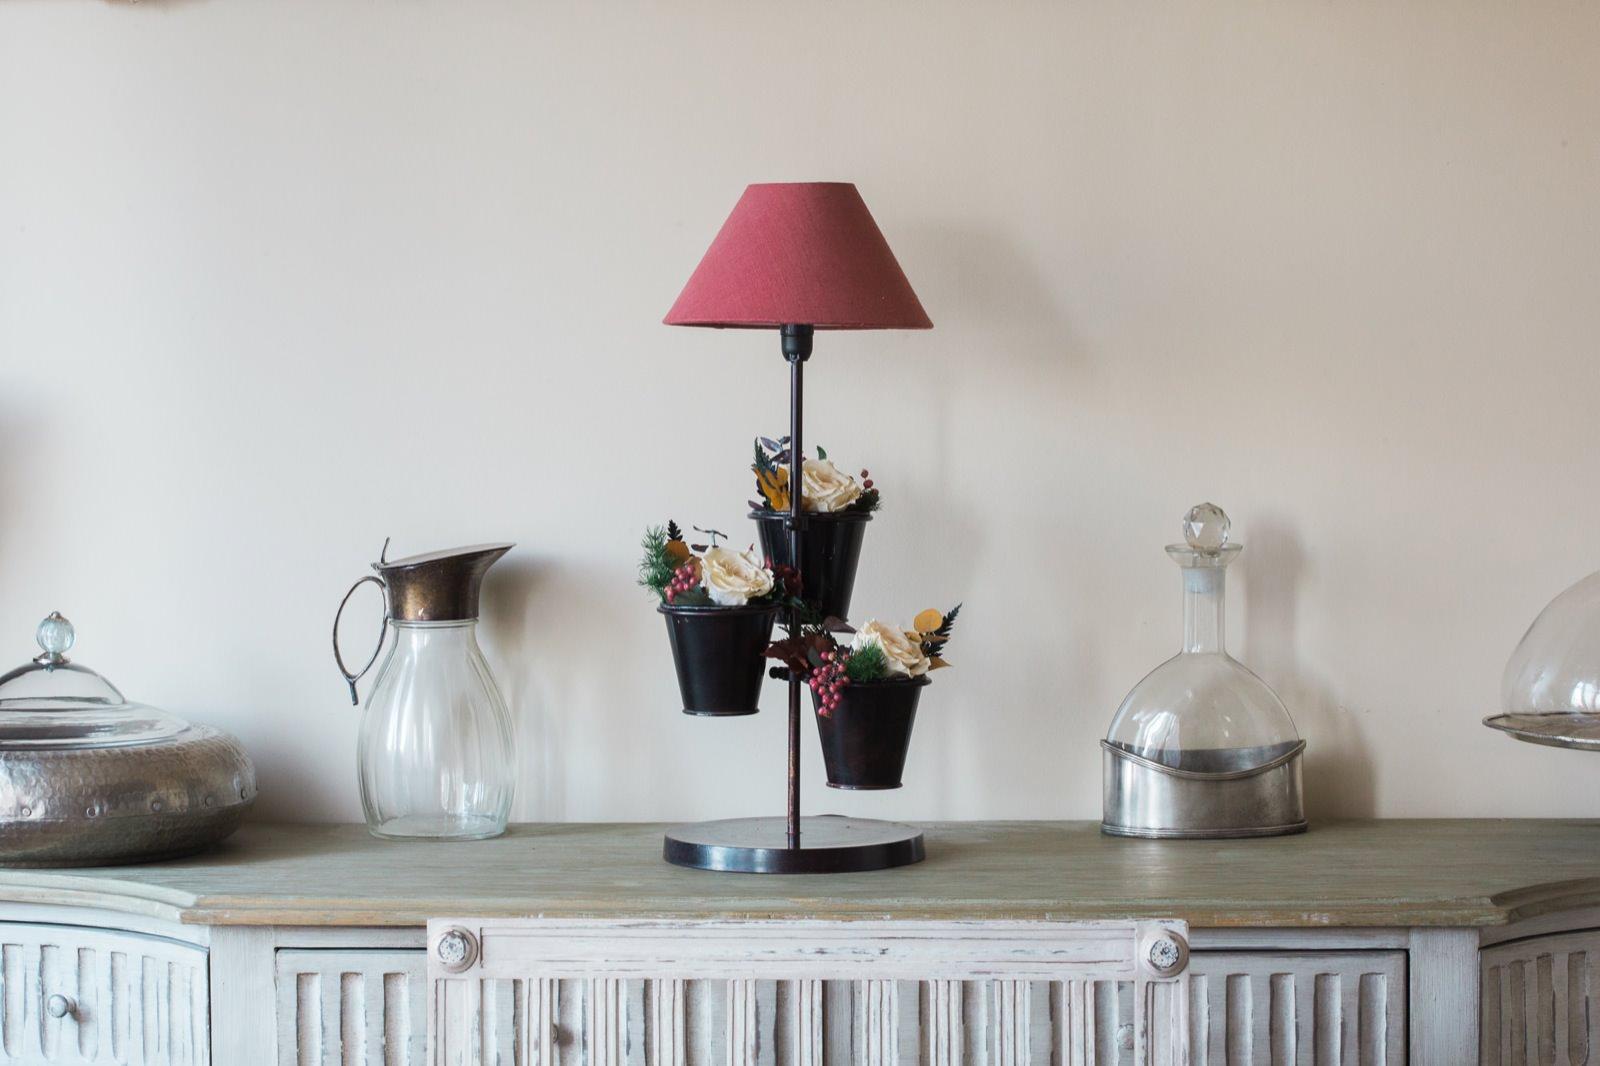 photo de créations de Marina Deko, décoratrice d'intérieur par Mardi Bleu – Agence de communication – photo & vidéo